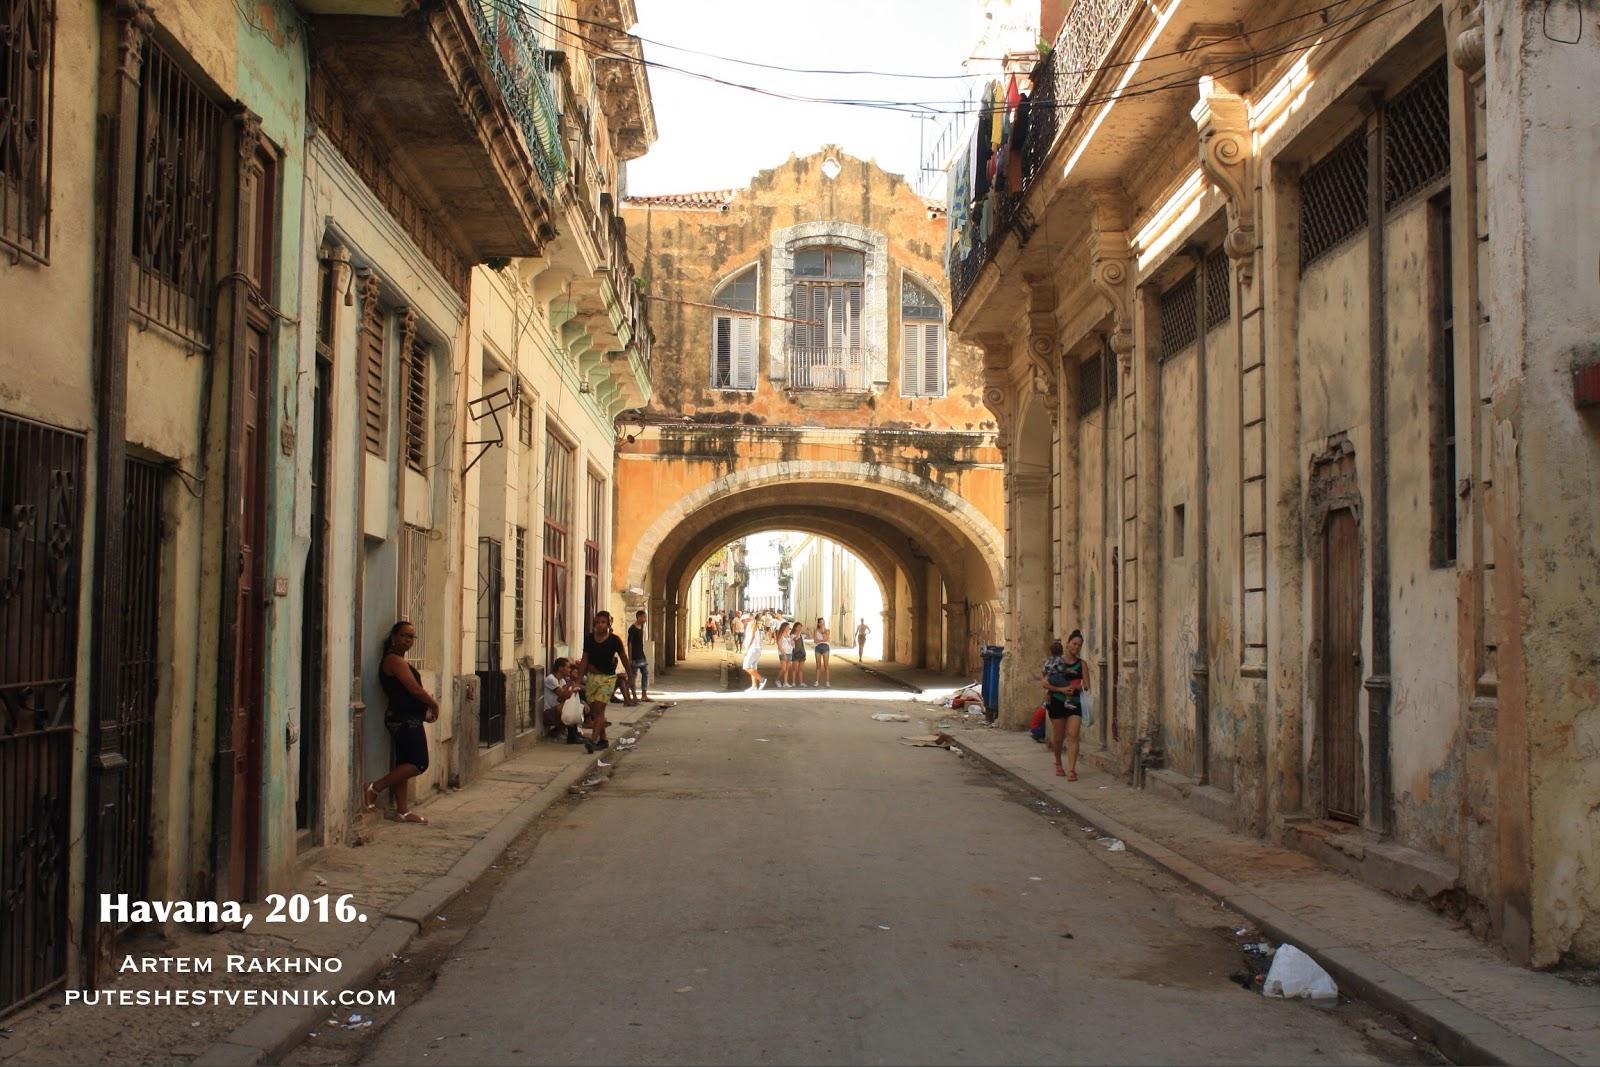 Арка на улице в Гаване